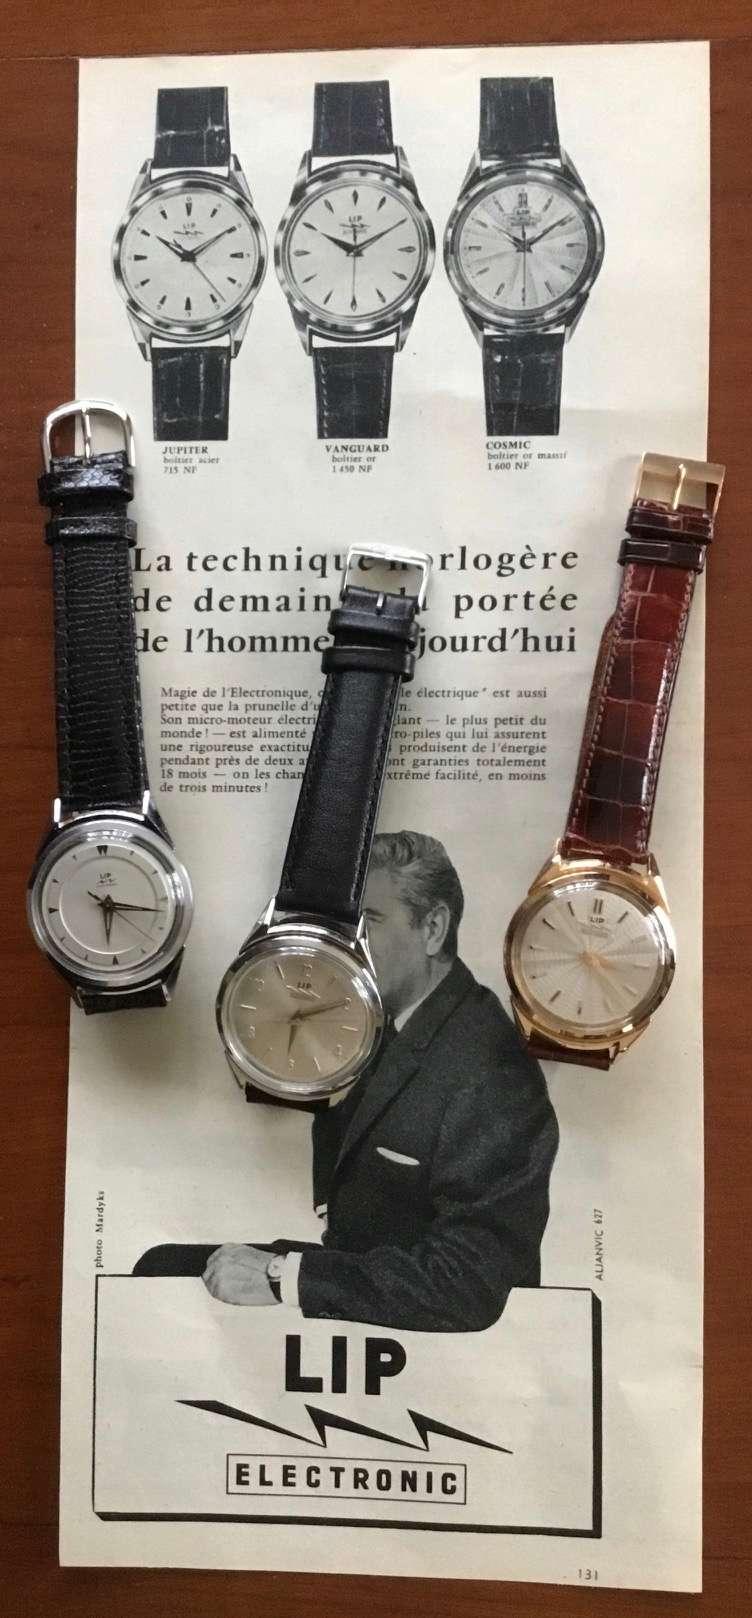 Breitling - Montres, publicités, catalogues vintages, marions-les ! - Page 4 Img_e010